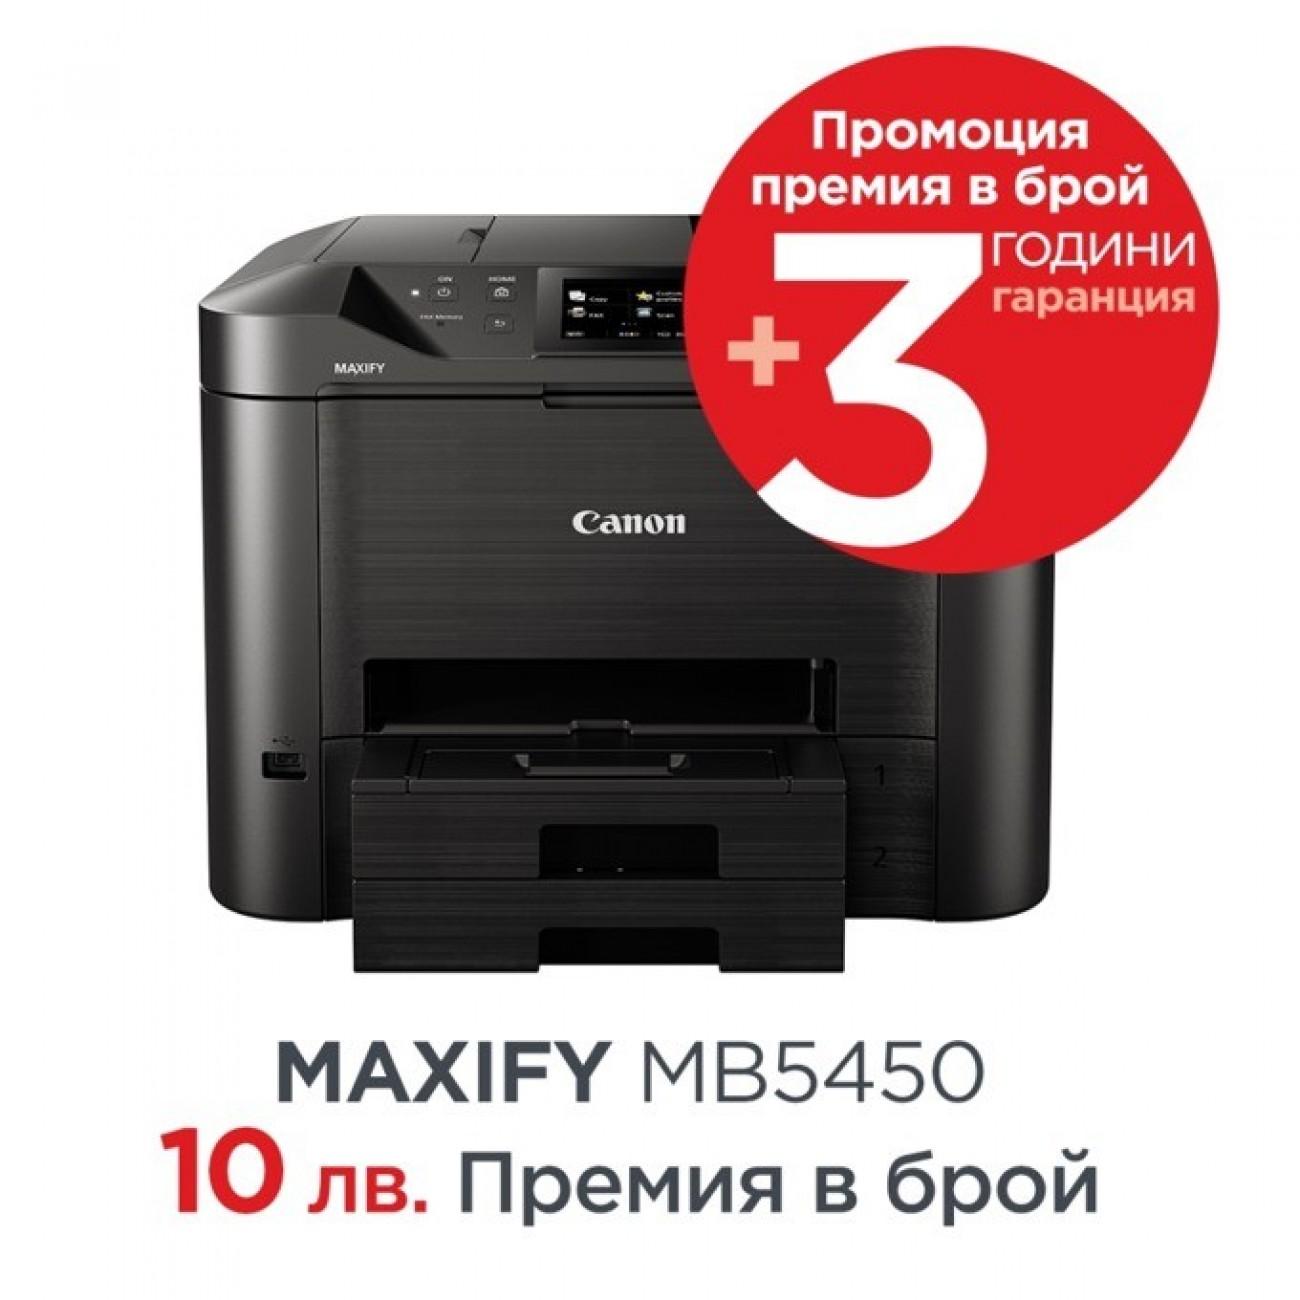 Мултифункционално мастиленоструйно устройство Canon MAXIFY MB5450, цветен принтер/копир/скенер/факс, 600 x 1200 dpi, 24стр/мин, Wi-Fi, LAN, USB, ADF, двустранен печат, A4 в Мултифункционали и MFP -  | Alleop